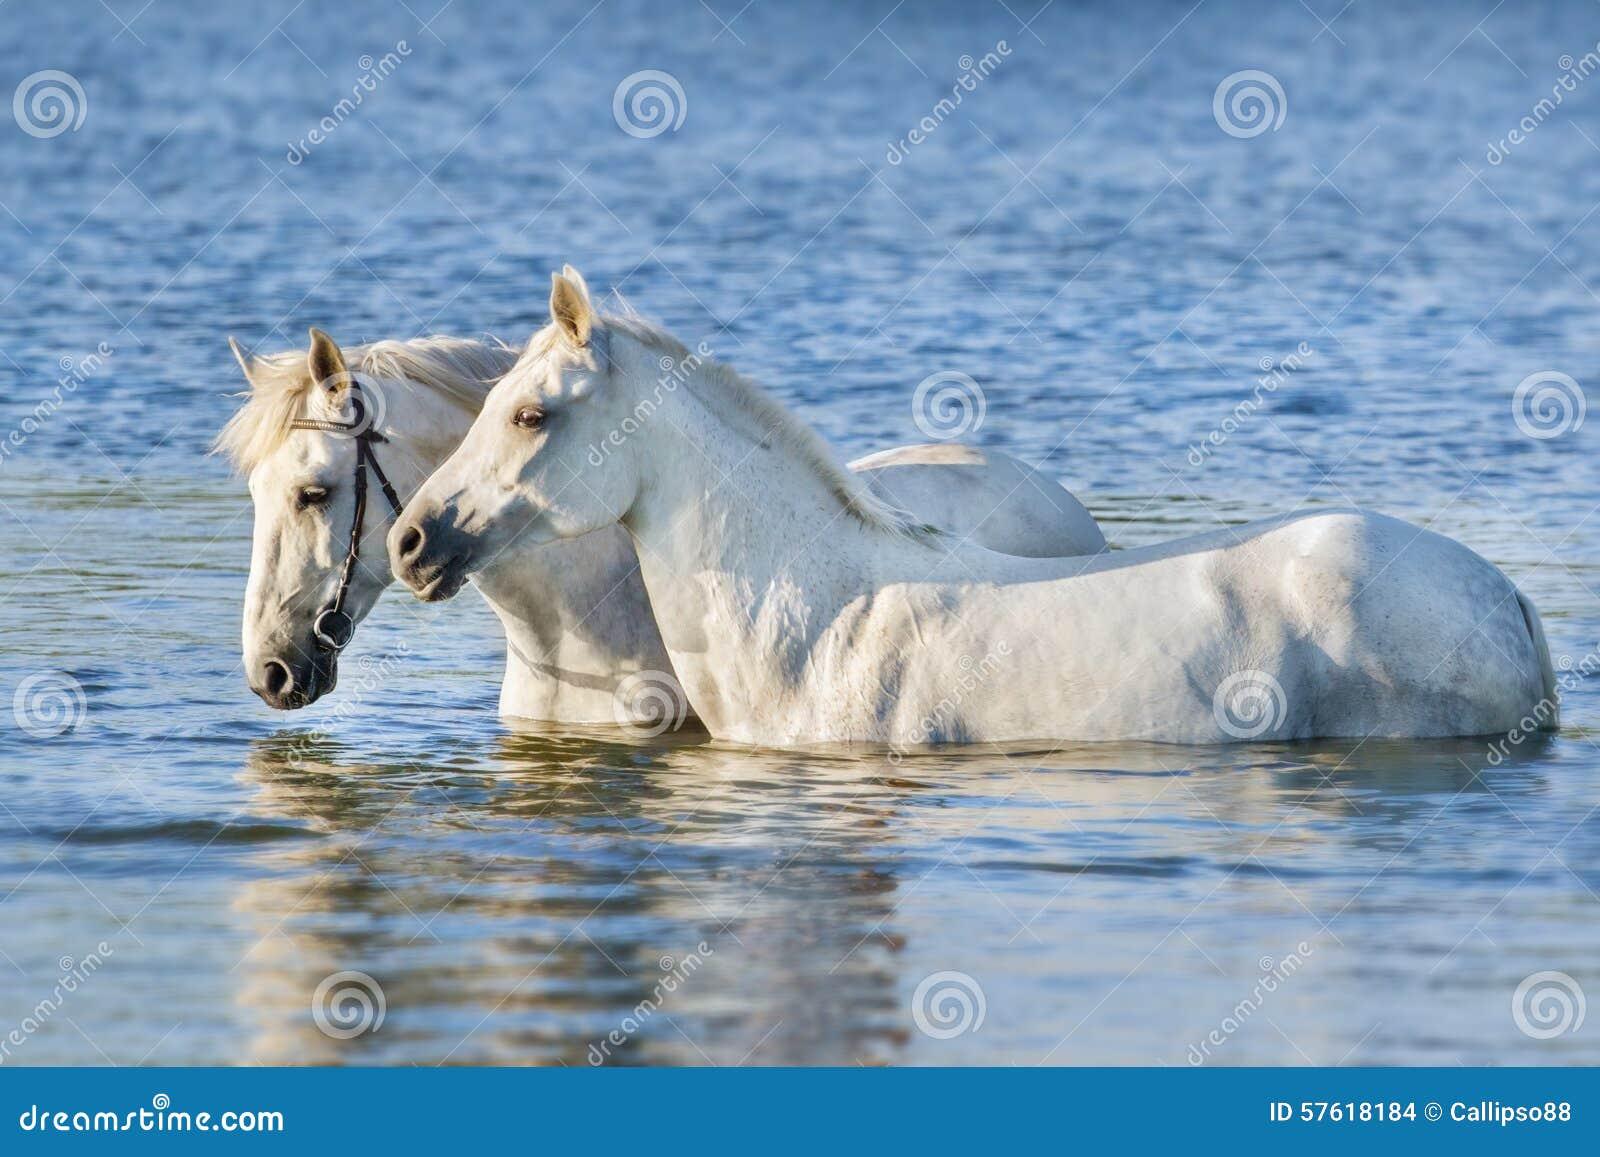 Заплыв белой лошади 2 в воде